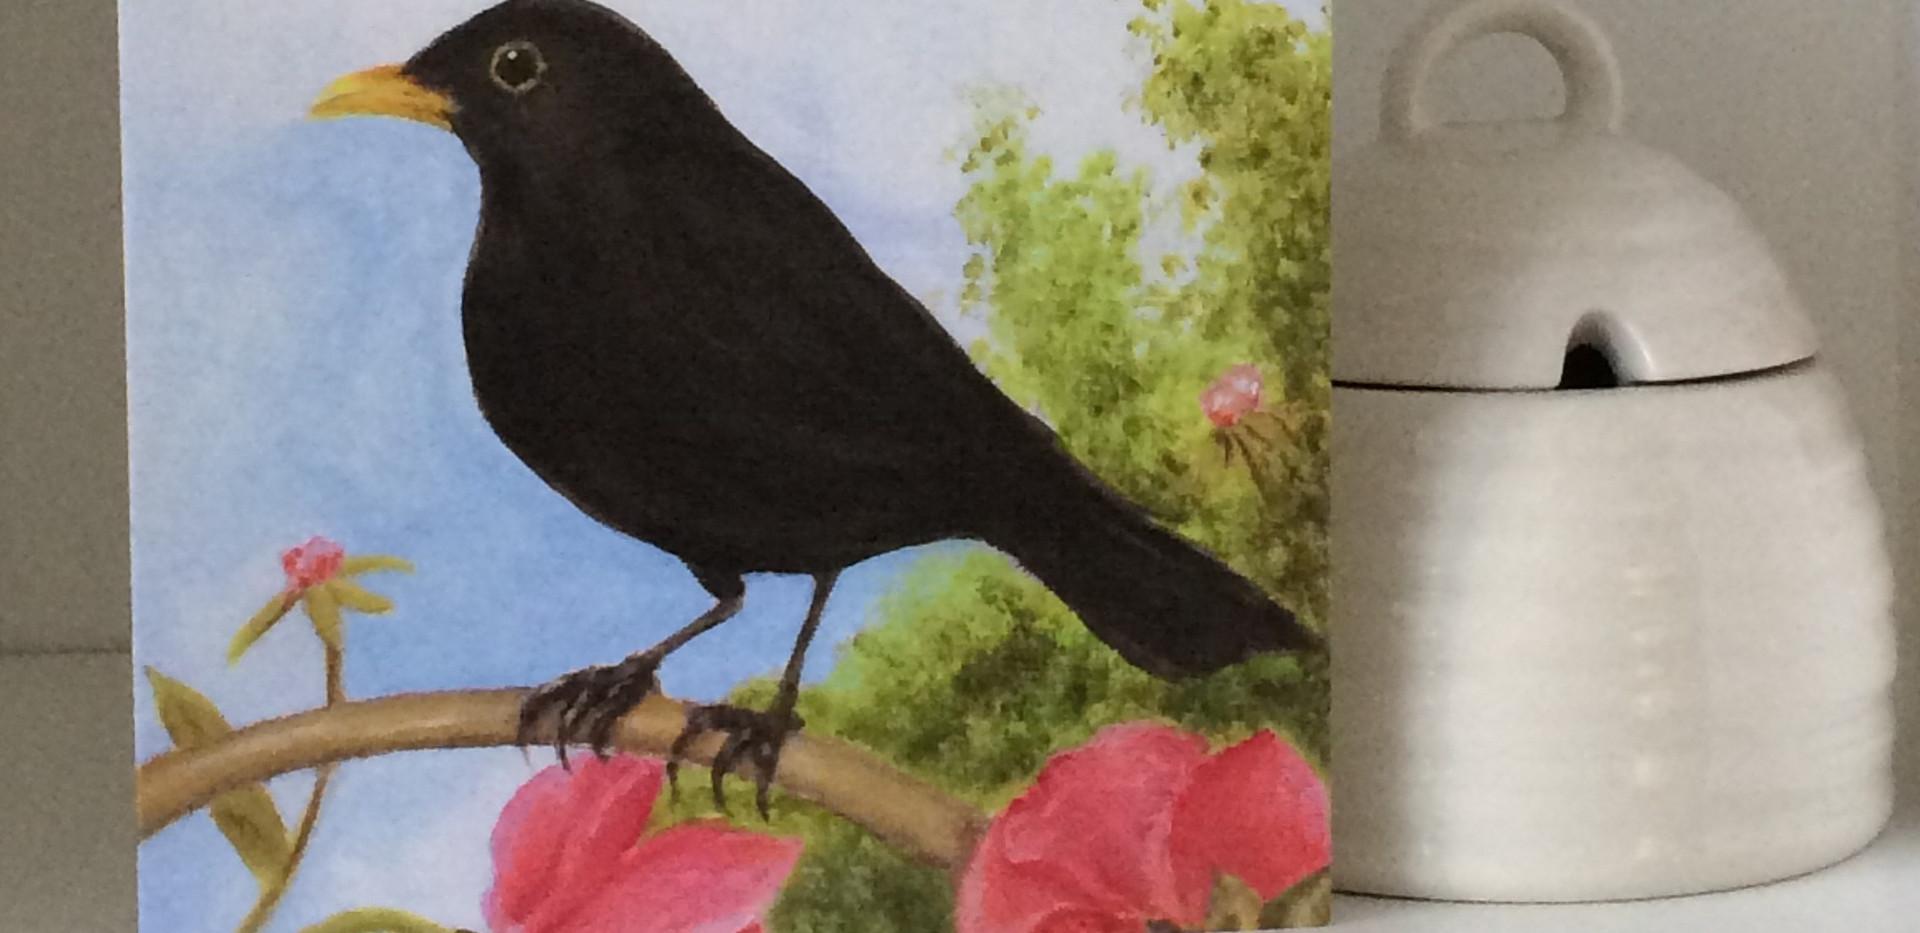 little black bird.jpg